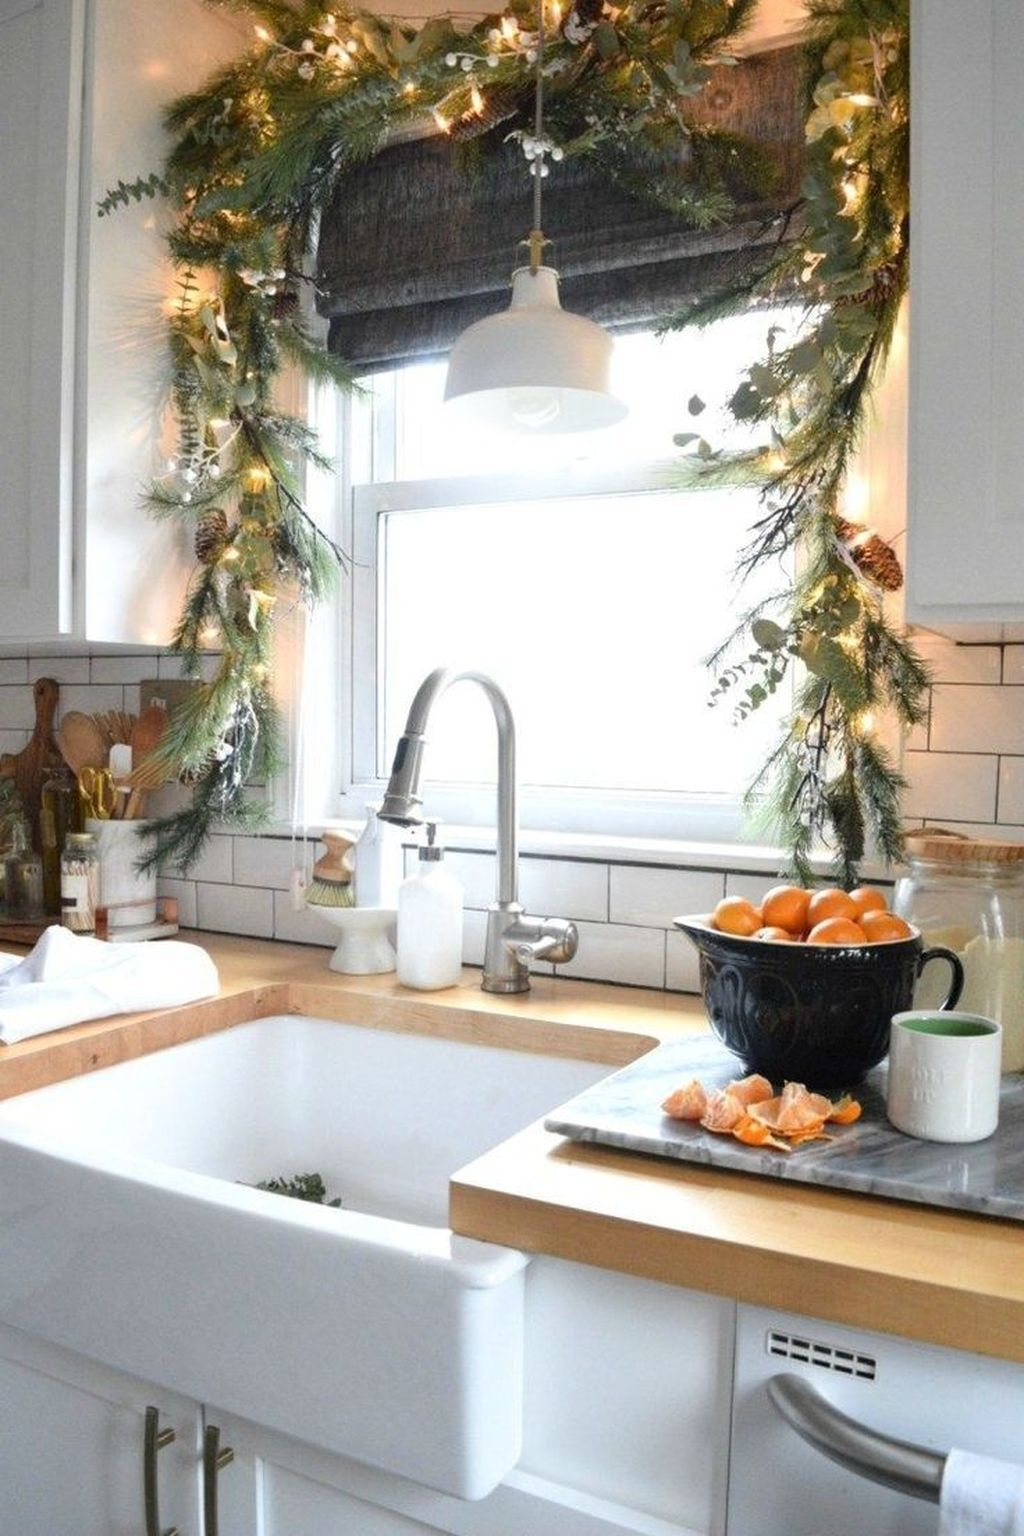 Gorgeous Christmas Apartment Decor Ideas 37